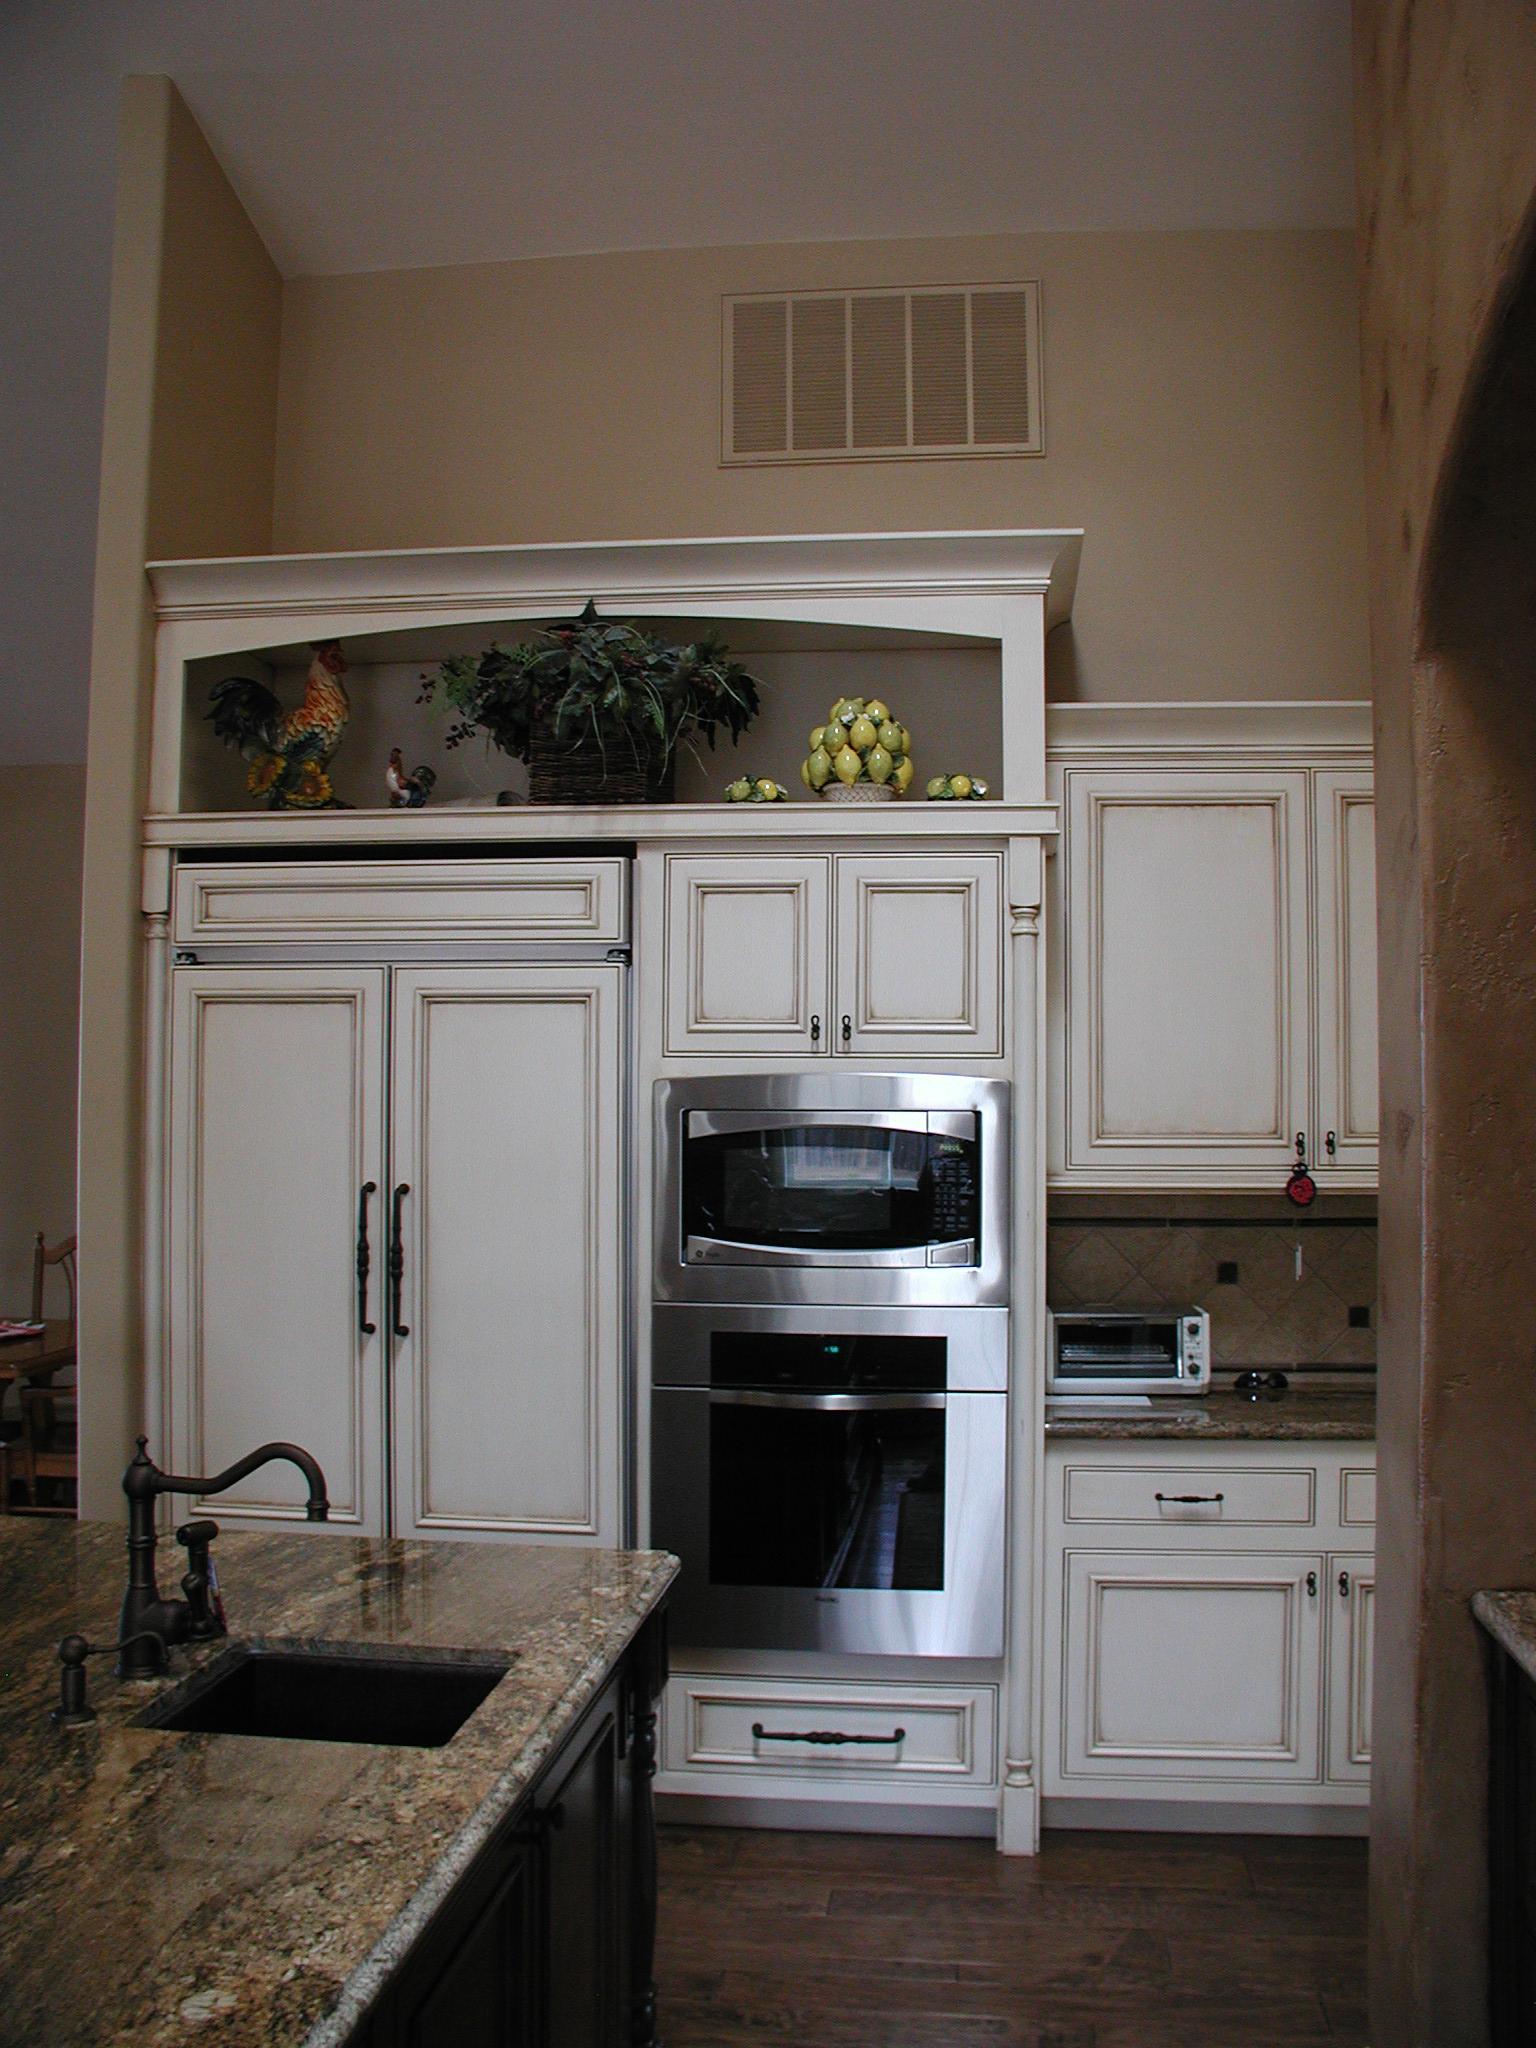 Dutton kitchen 03.JPG